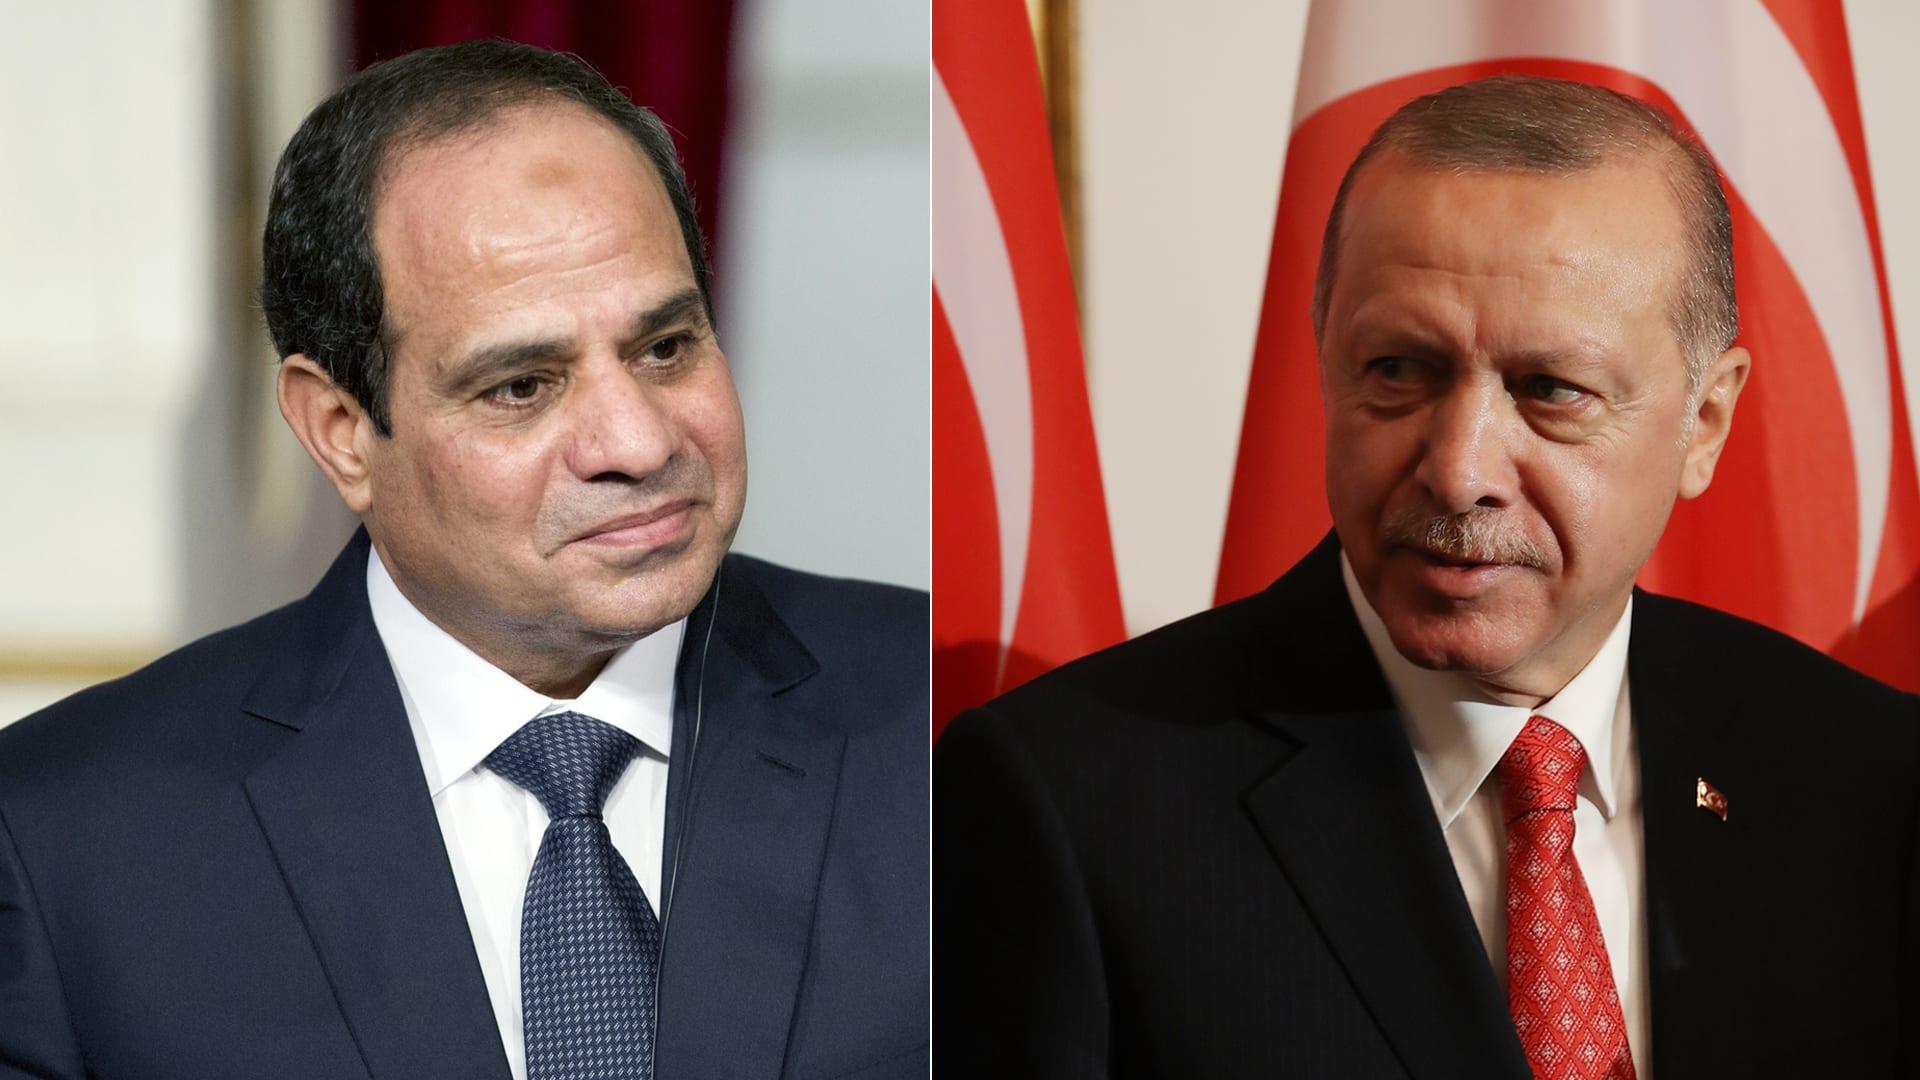 ثالث هجوم تركي على نظام السيسي في يومين: يعدمون الشباب عبر محاكمات صورية